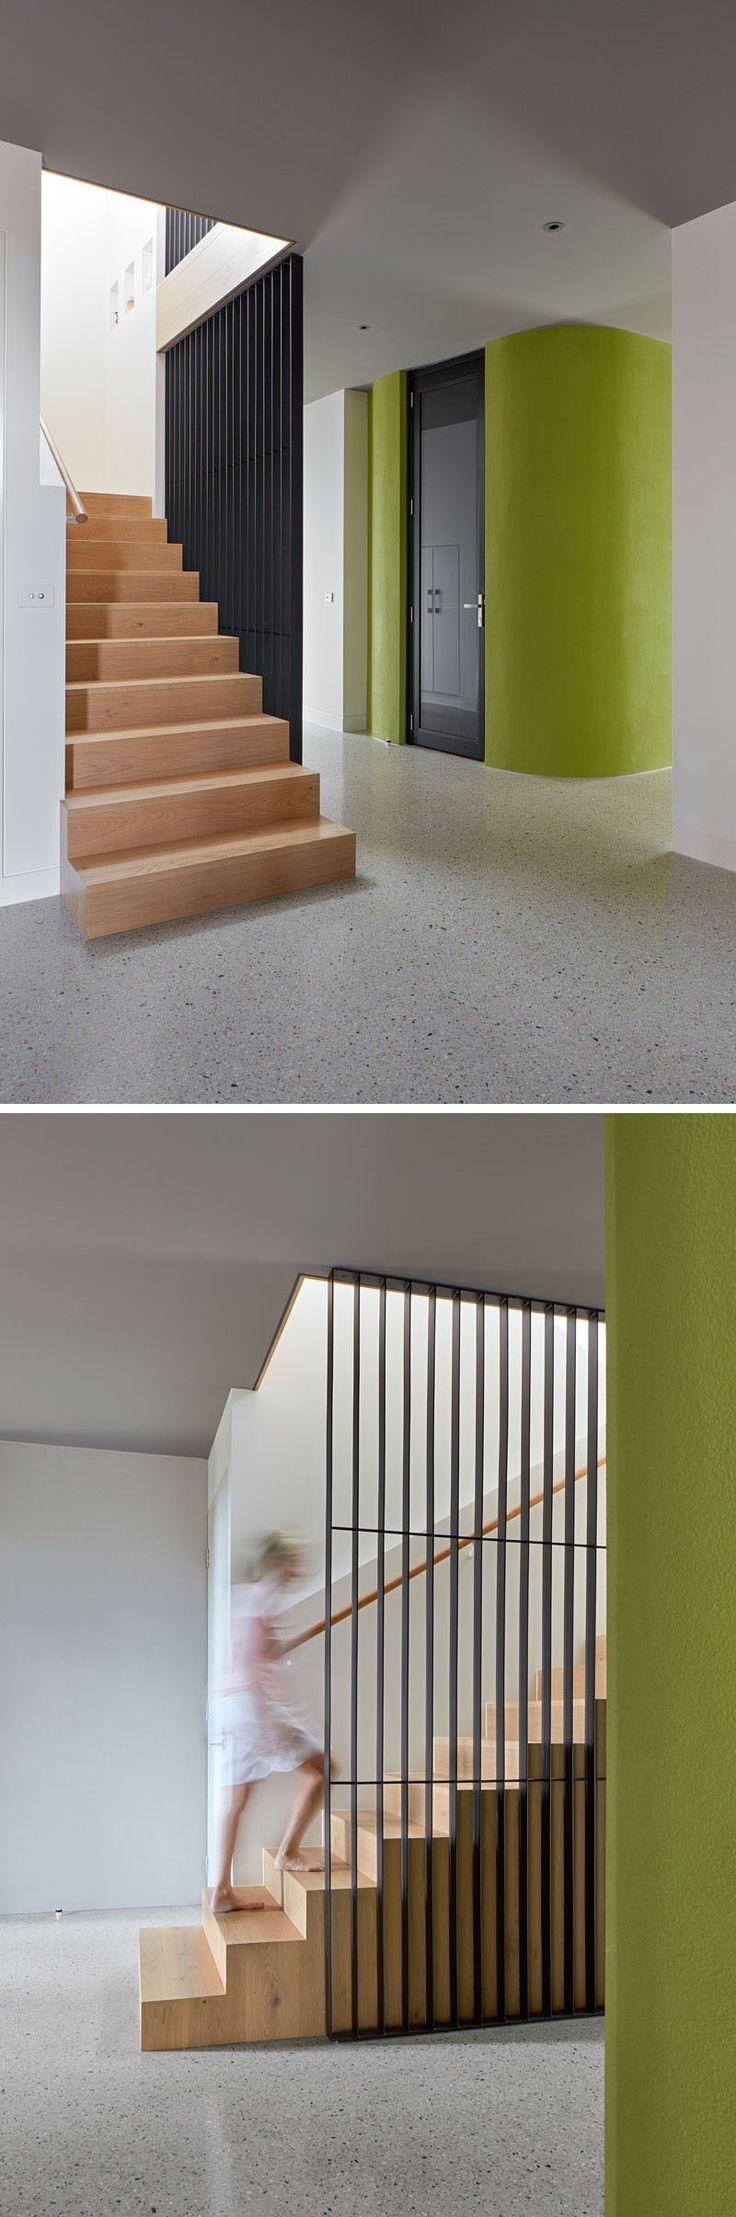 die besten 25 treppenstufen beton ideen auf pinterest. Black Bedroom Furniture Sets. Home Design Ideas